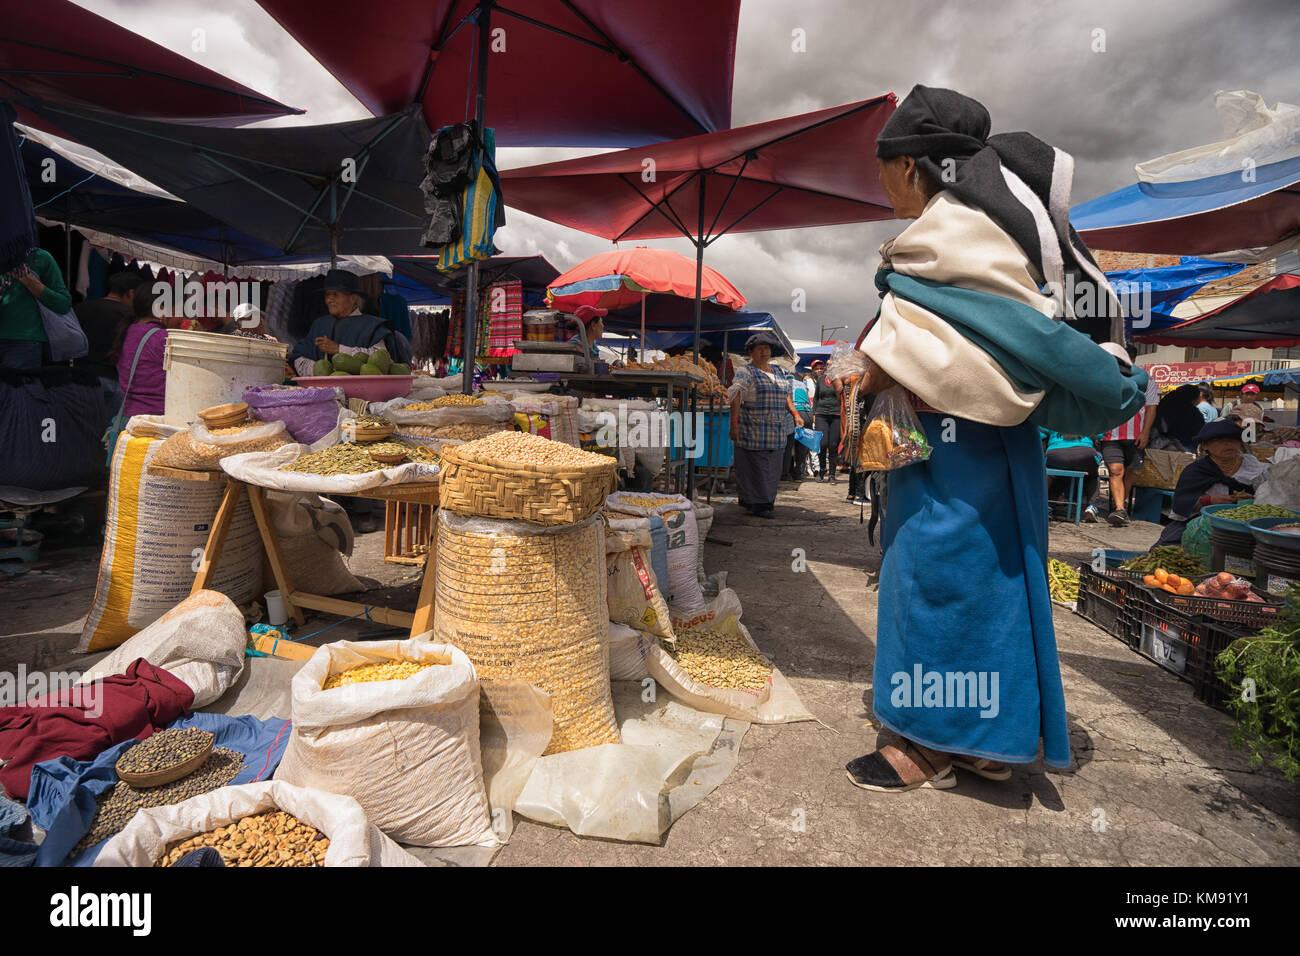 Otavalo, Ecuador - 2 de diciembre de 2017: Primer plano de una mujer indígena vestida con un traje tradicional Imagen De Stock